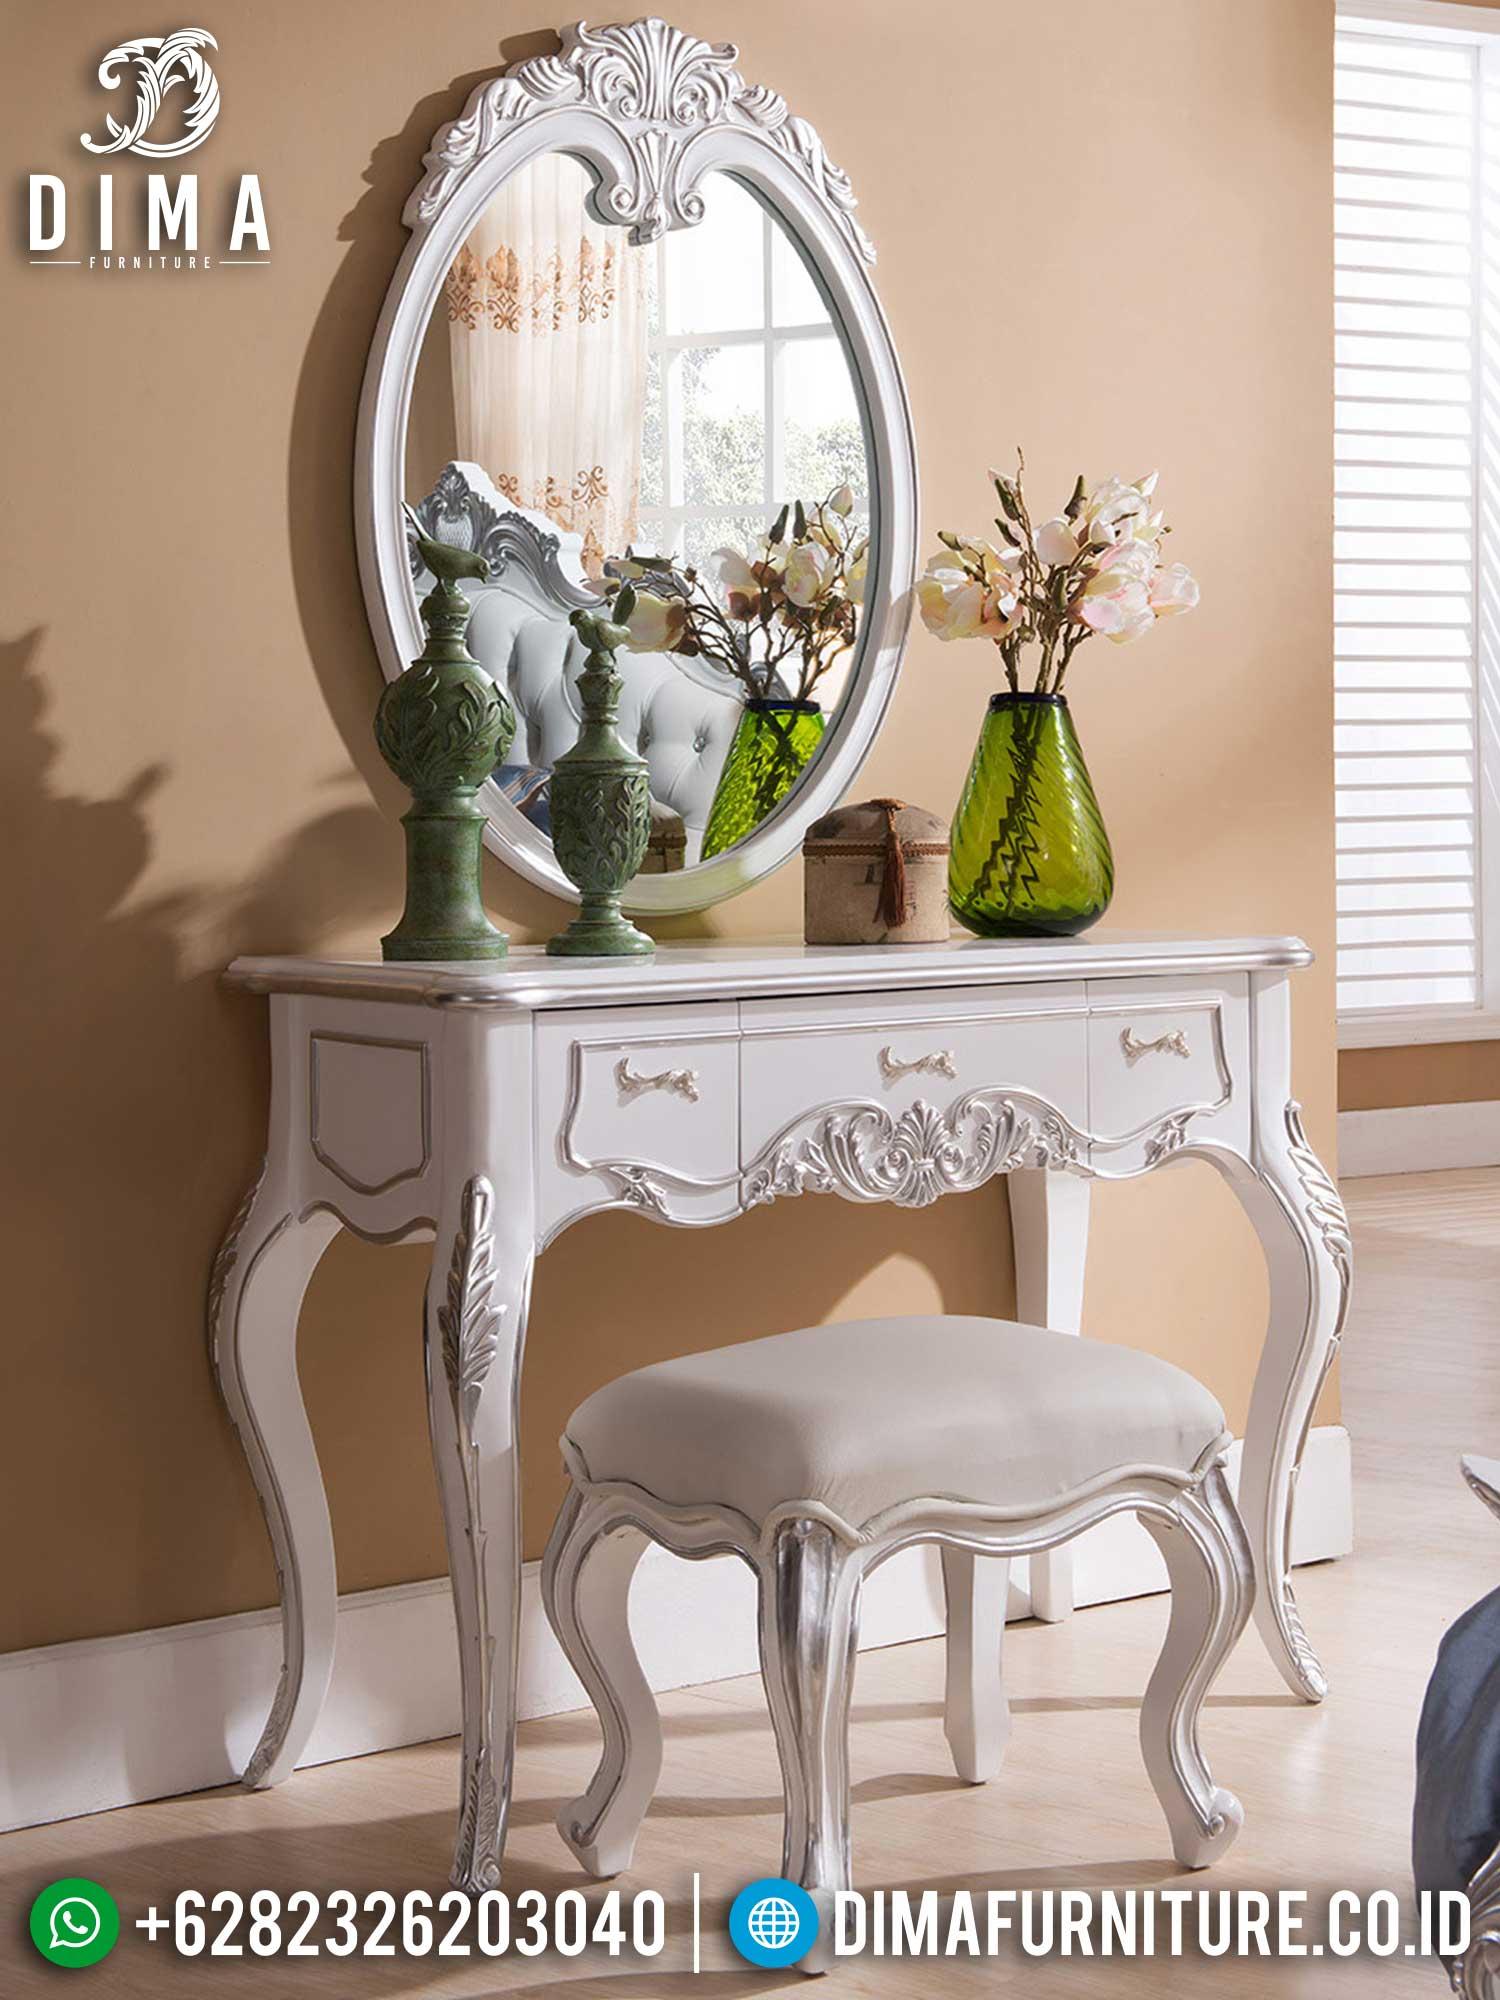 Set Meja Rias Mewah Jepara Luxury Vanity Room Furniture Jepara TTJ-1429